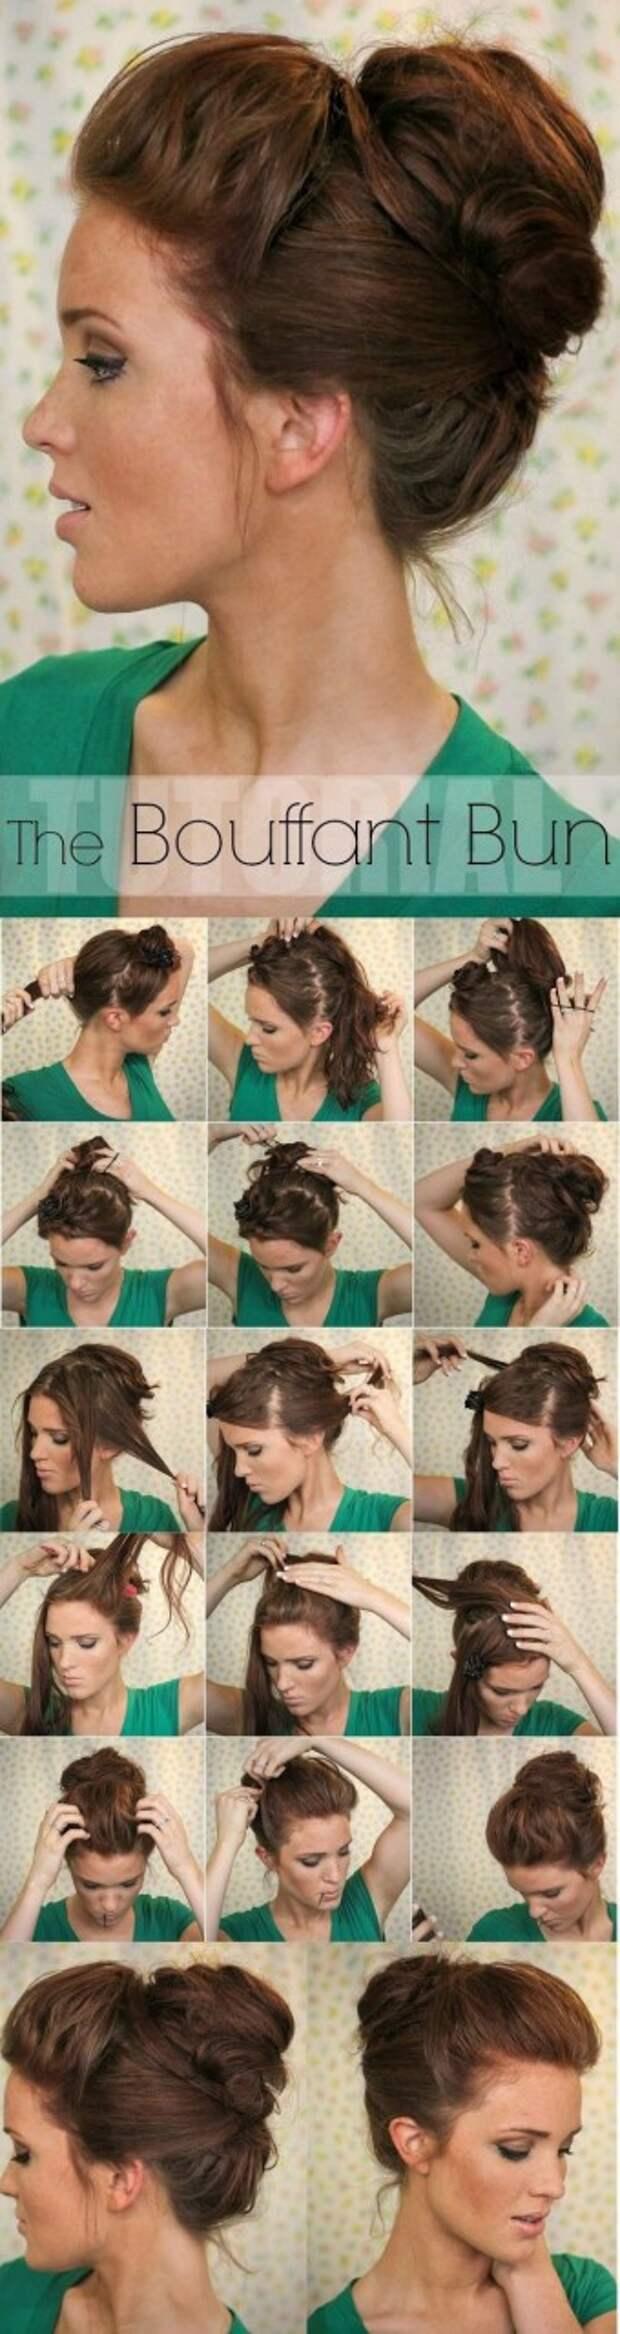 Укладка длинных волос (Diy)